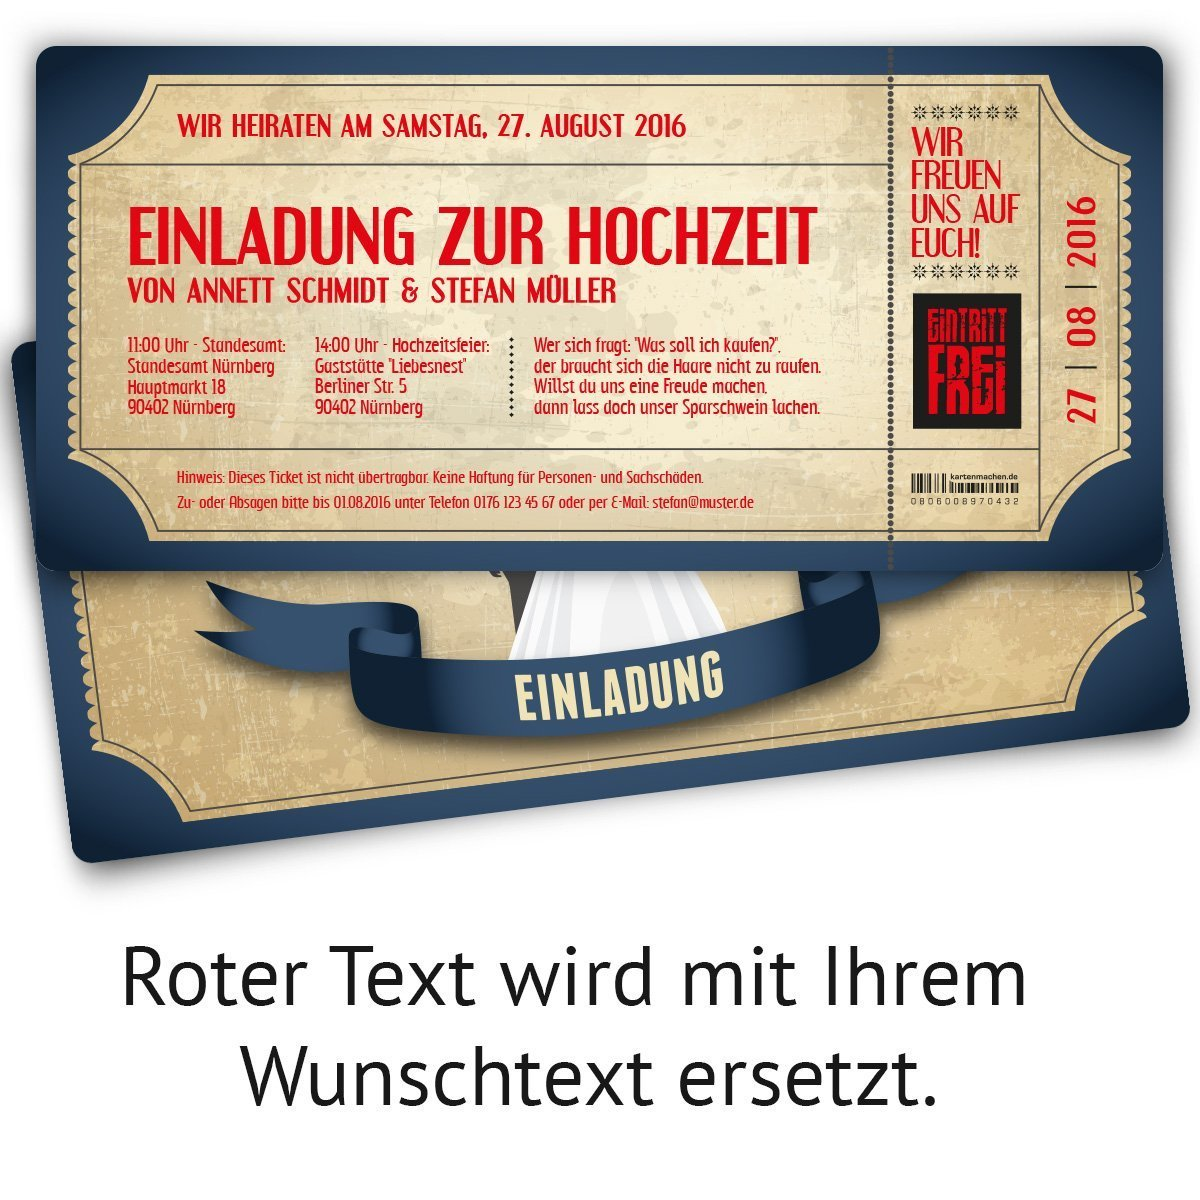 Einladungskarten Zur Hochzeit (20 Stück) Als Eintrittskarte Im Vintage  Ticket Look Hochzeitskarten In Blau: Amazon.de: Bürobedarf U0026 Schreibwaren